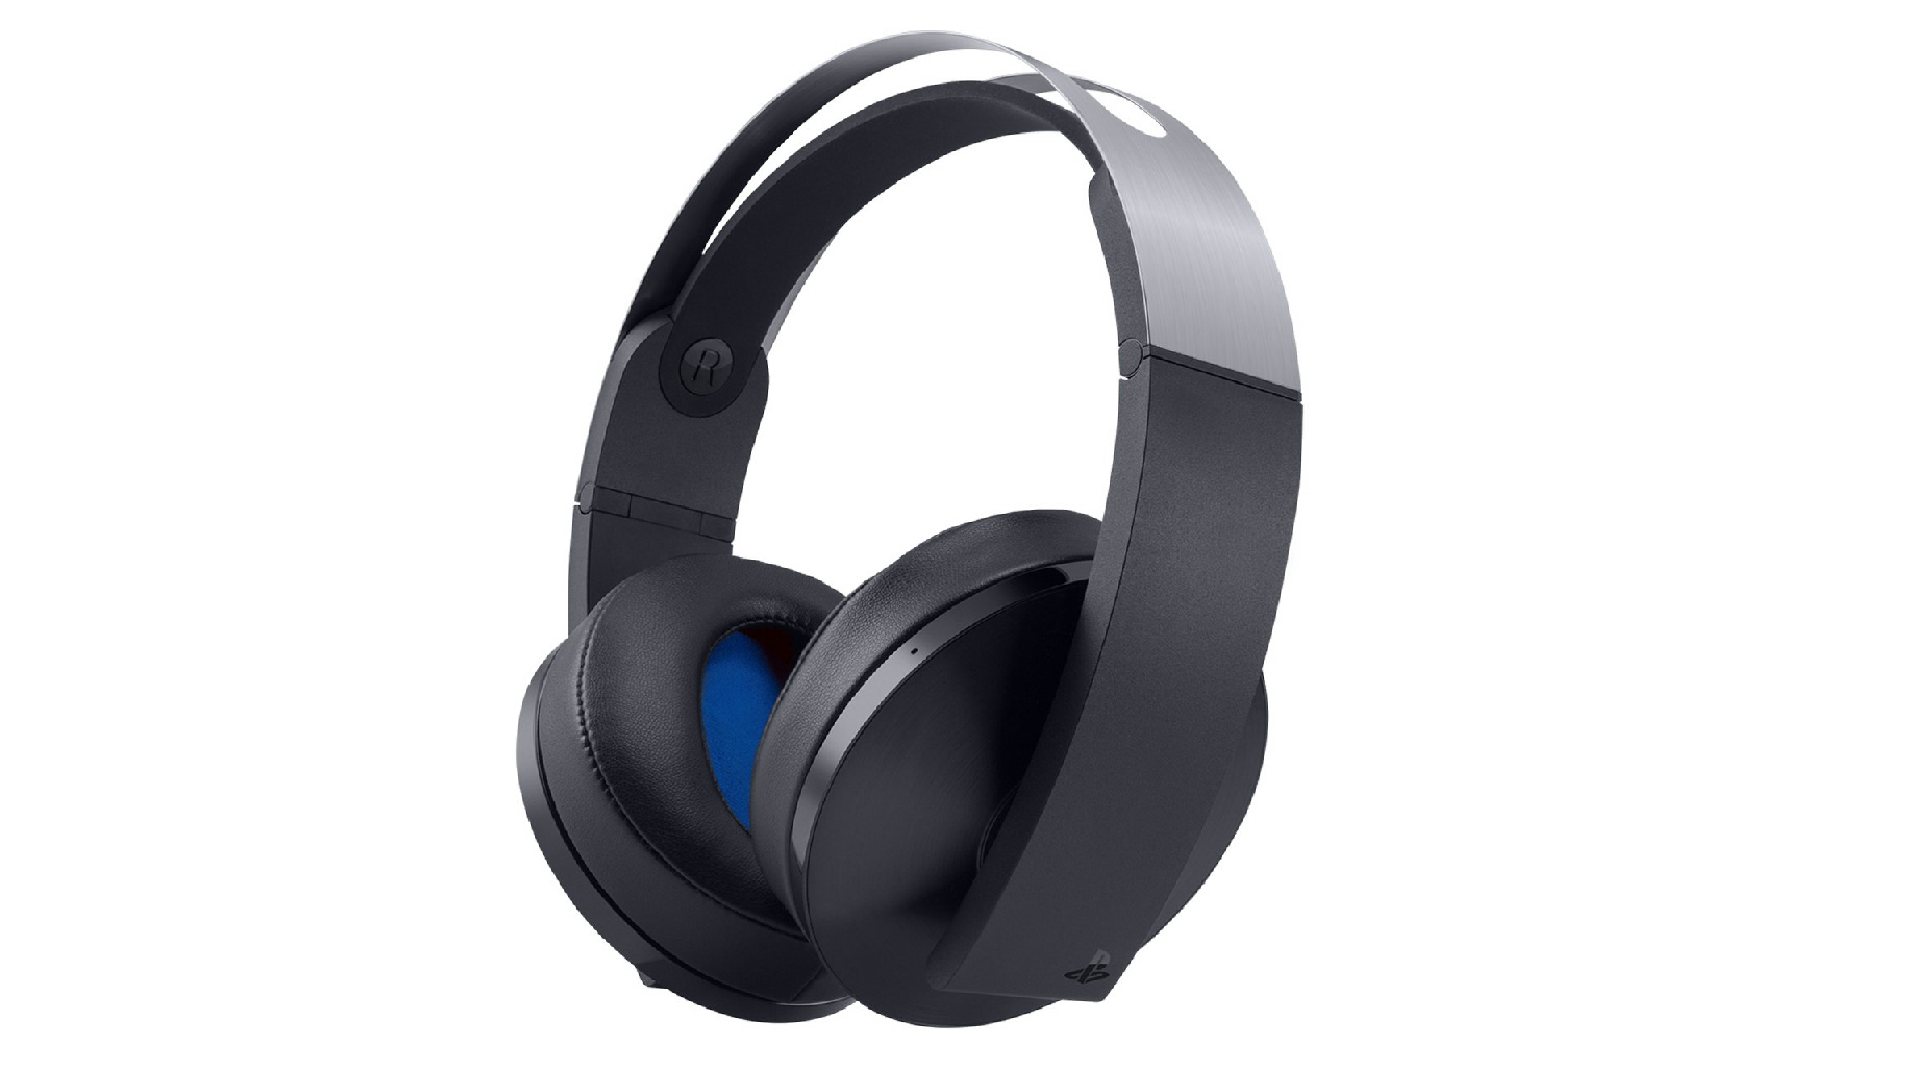 Headset gamer da Sony foi desenvolvido especificamente para o PS4 (Foto: Divulgação/Sony)